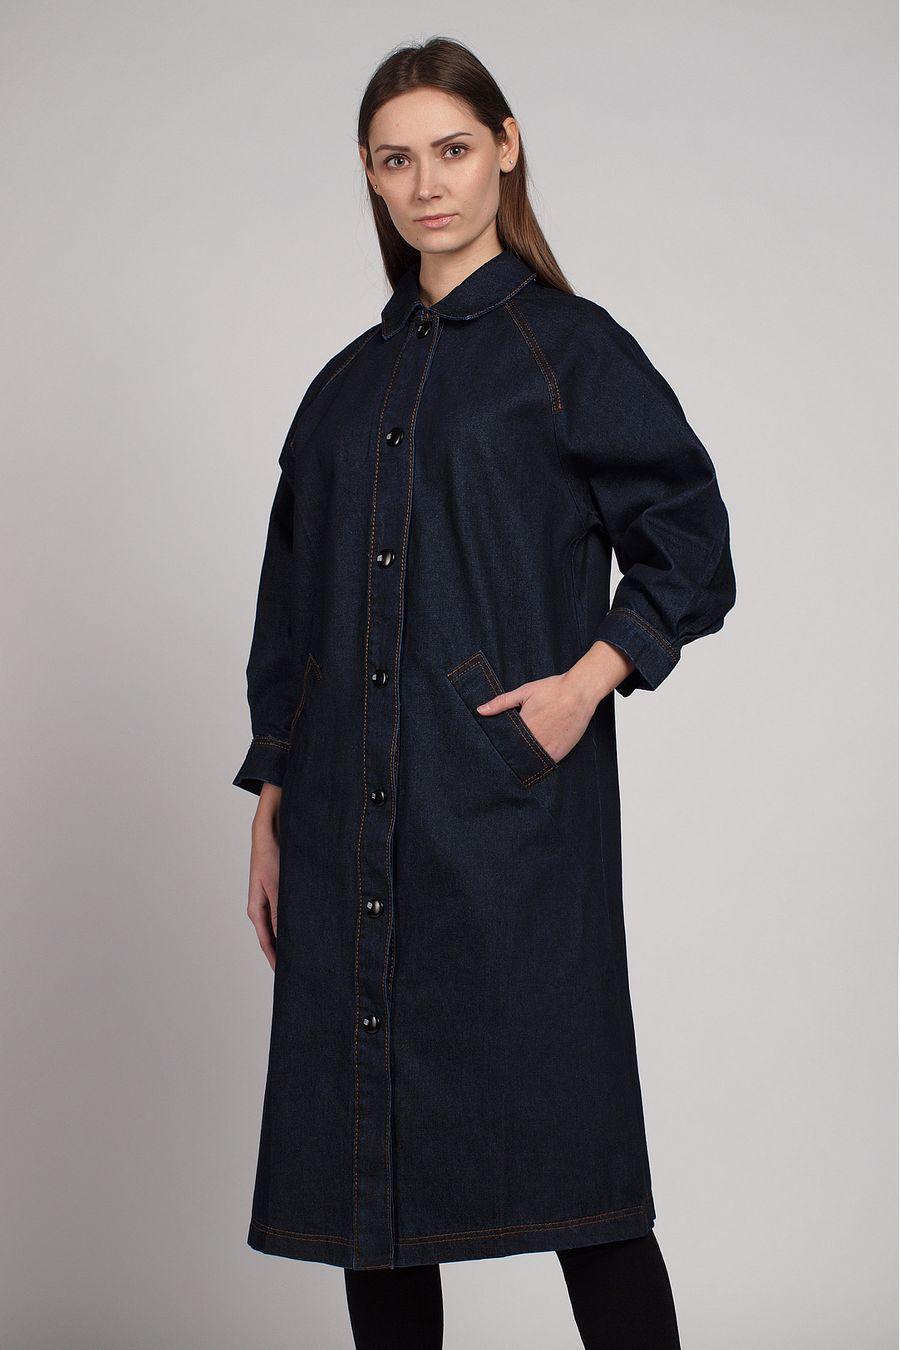 Куртка-френч женская Baccino 6116 джинсовая - фото 2